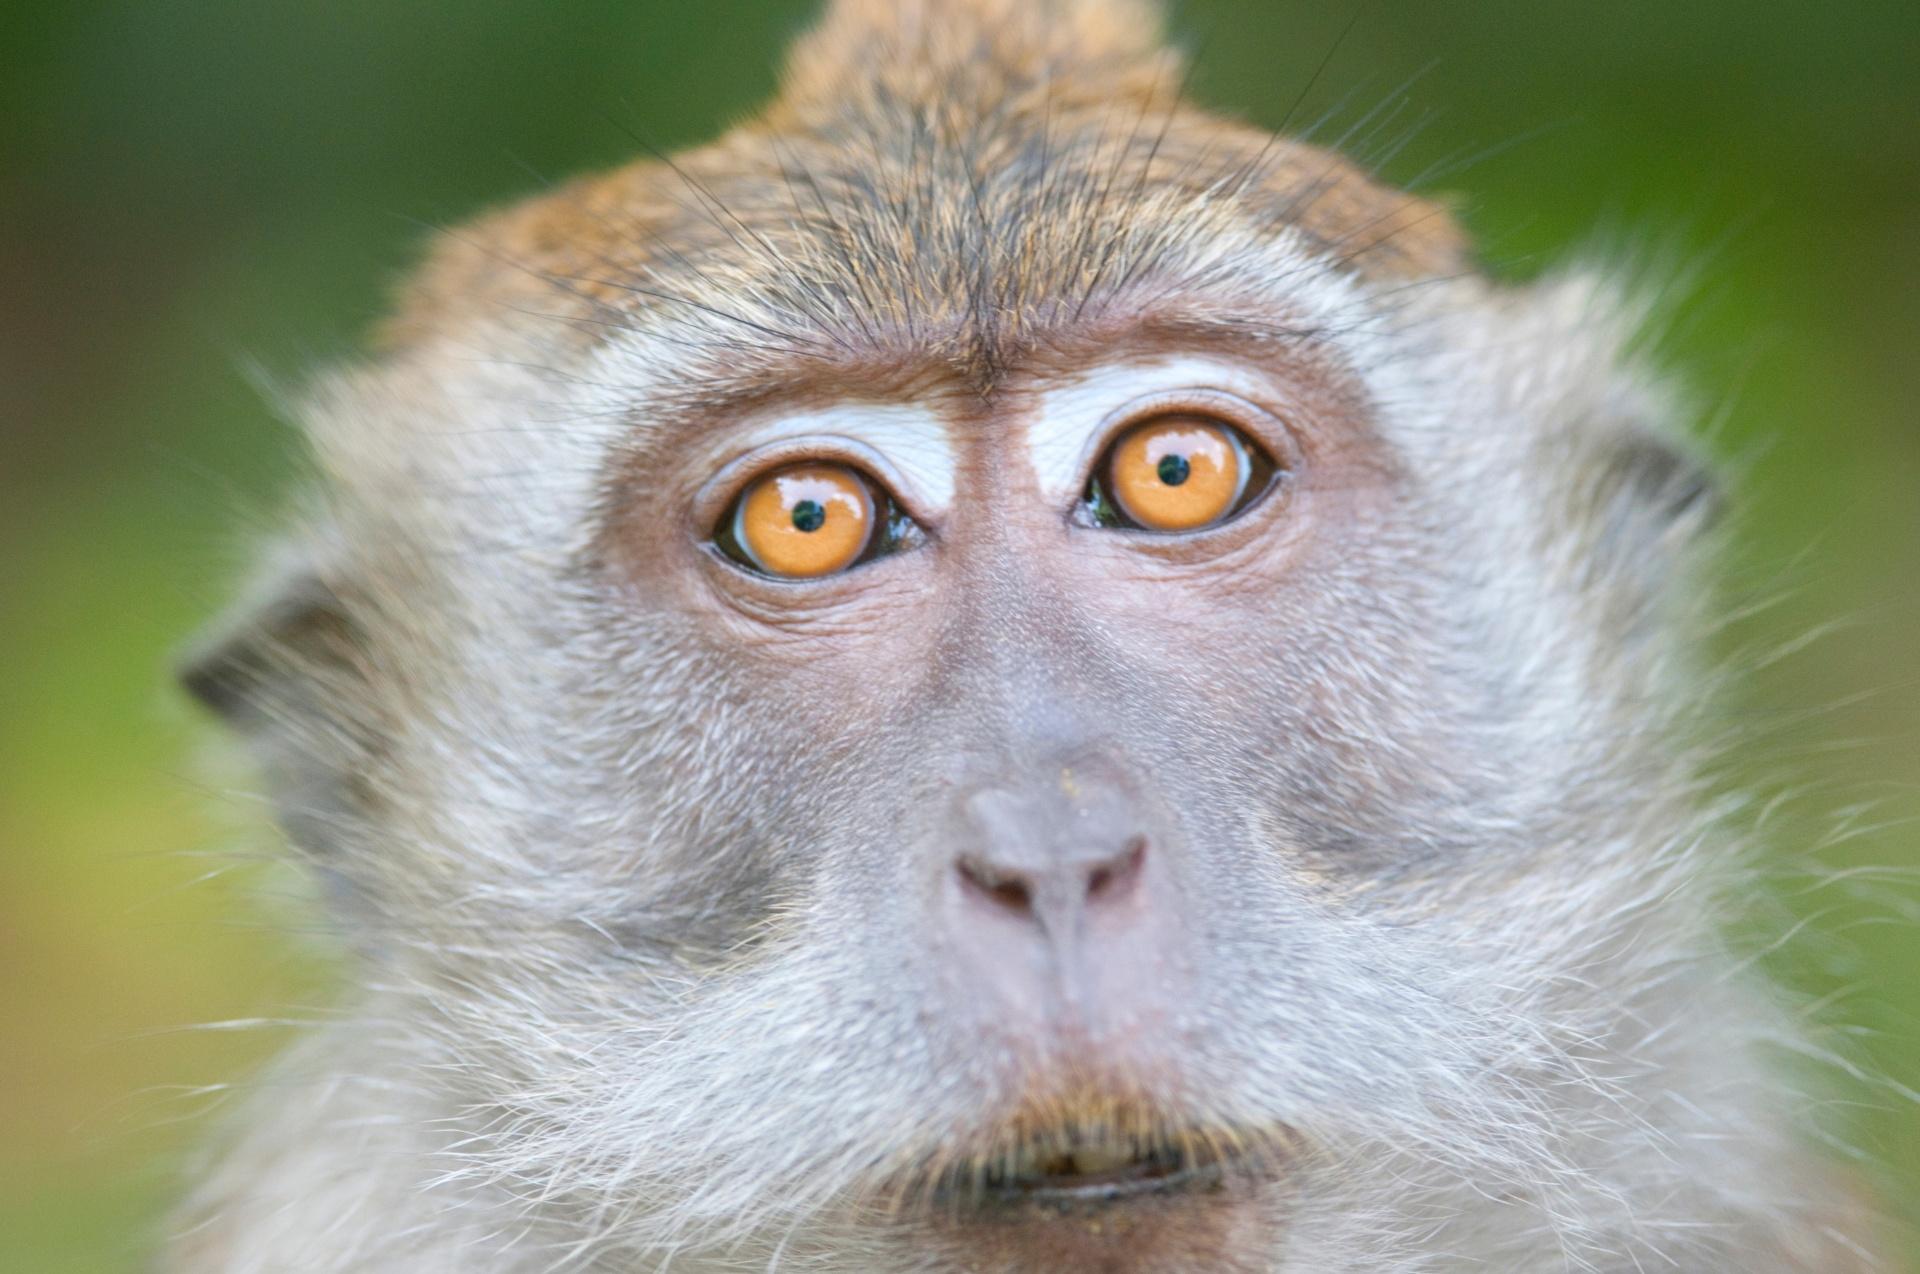 Macaca fascicularis, conhecida também como macaco-cinomolgo